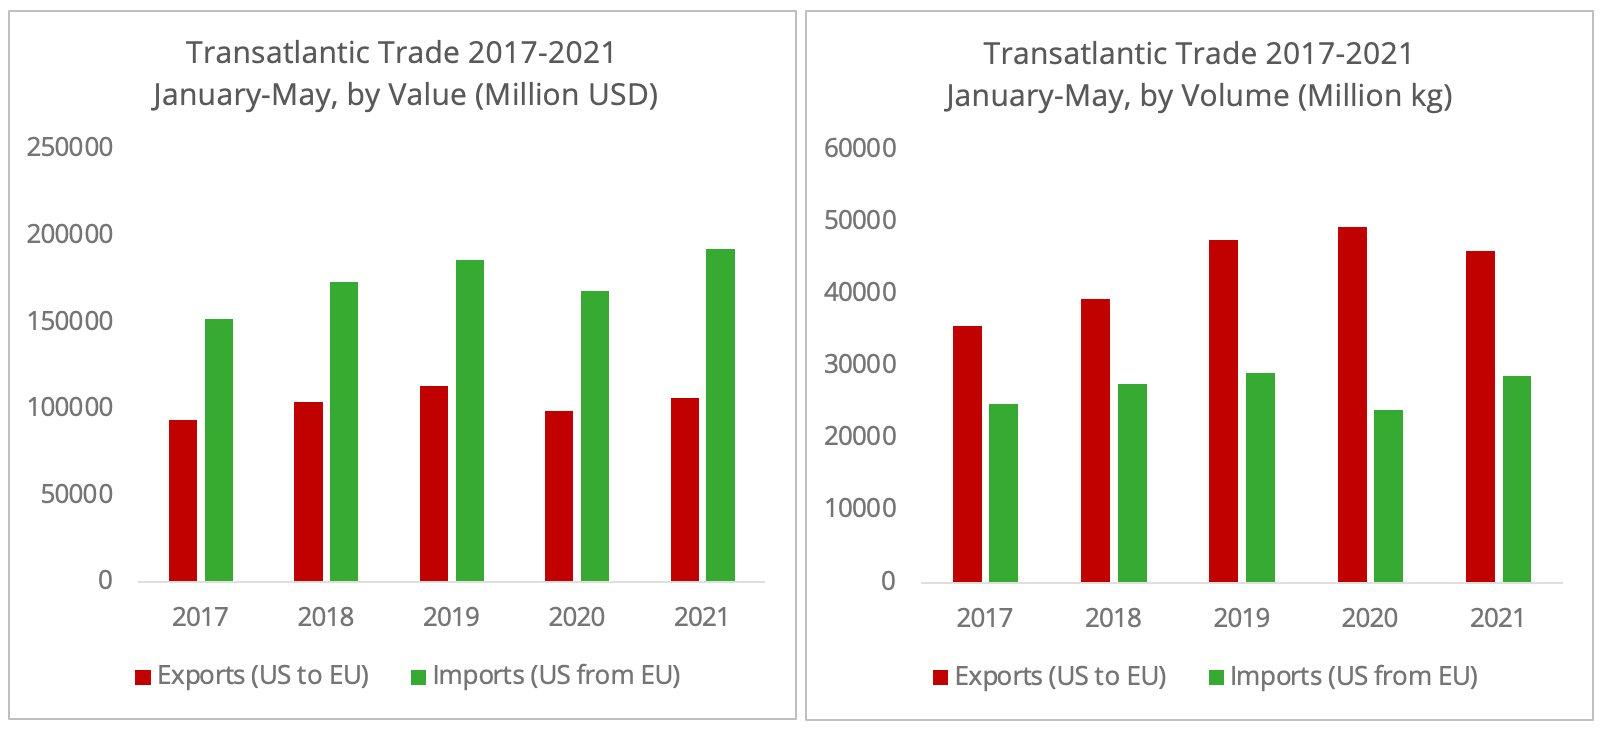 transatlantic_trade_2017-2021_jan_may